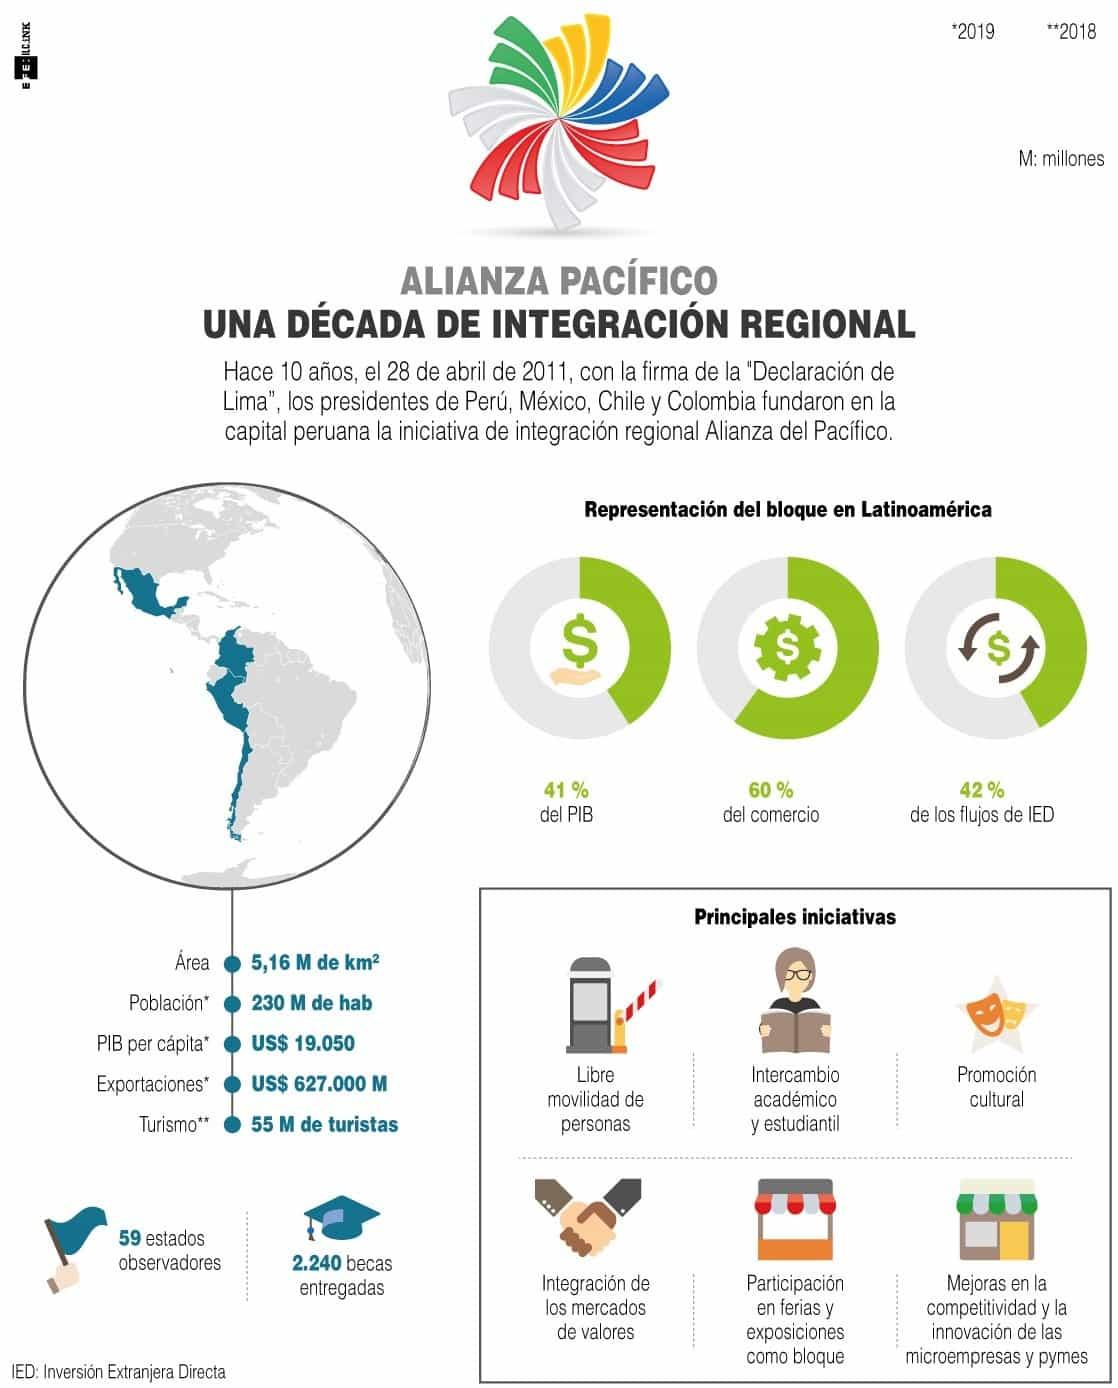 [Infografía] - Alianza del Pacífico Una década de integración regional 2